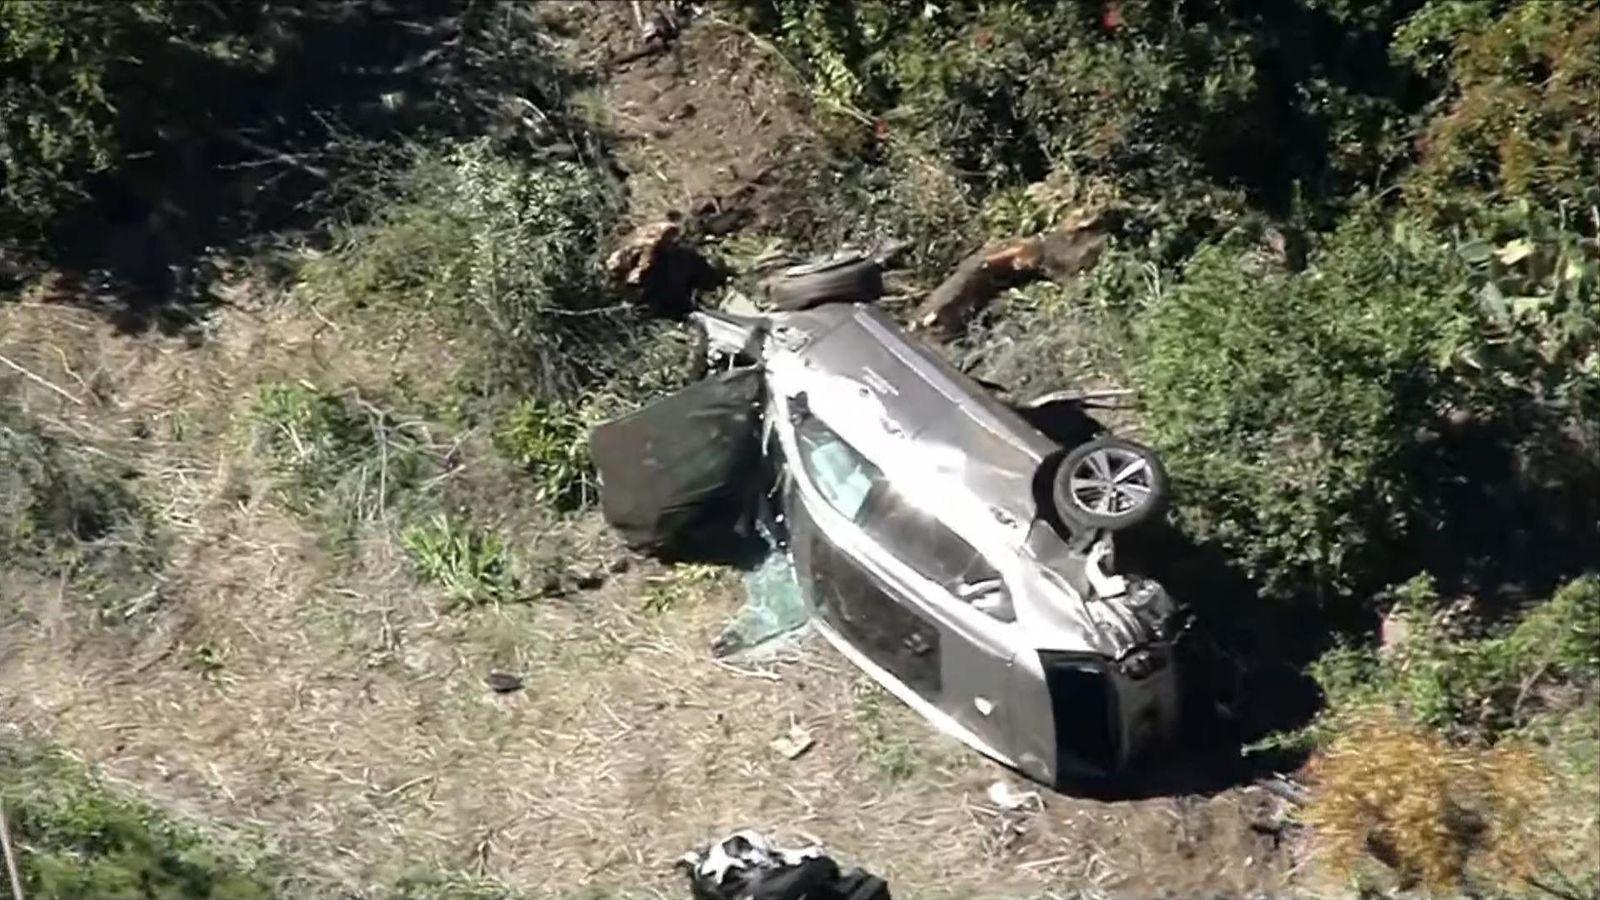 Tiger Woods: Aftermath of Tiger Woods' car crash in LA ...